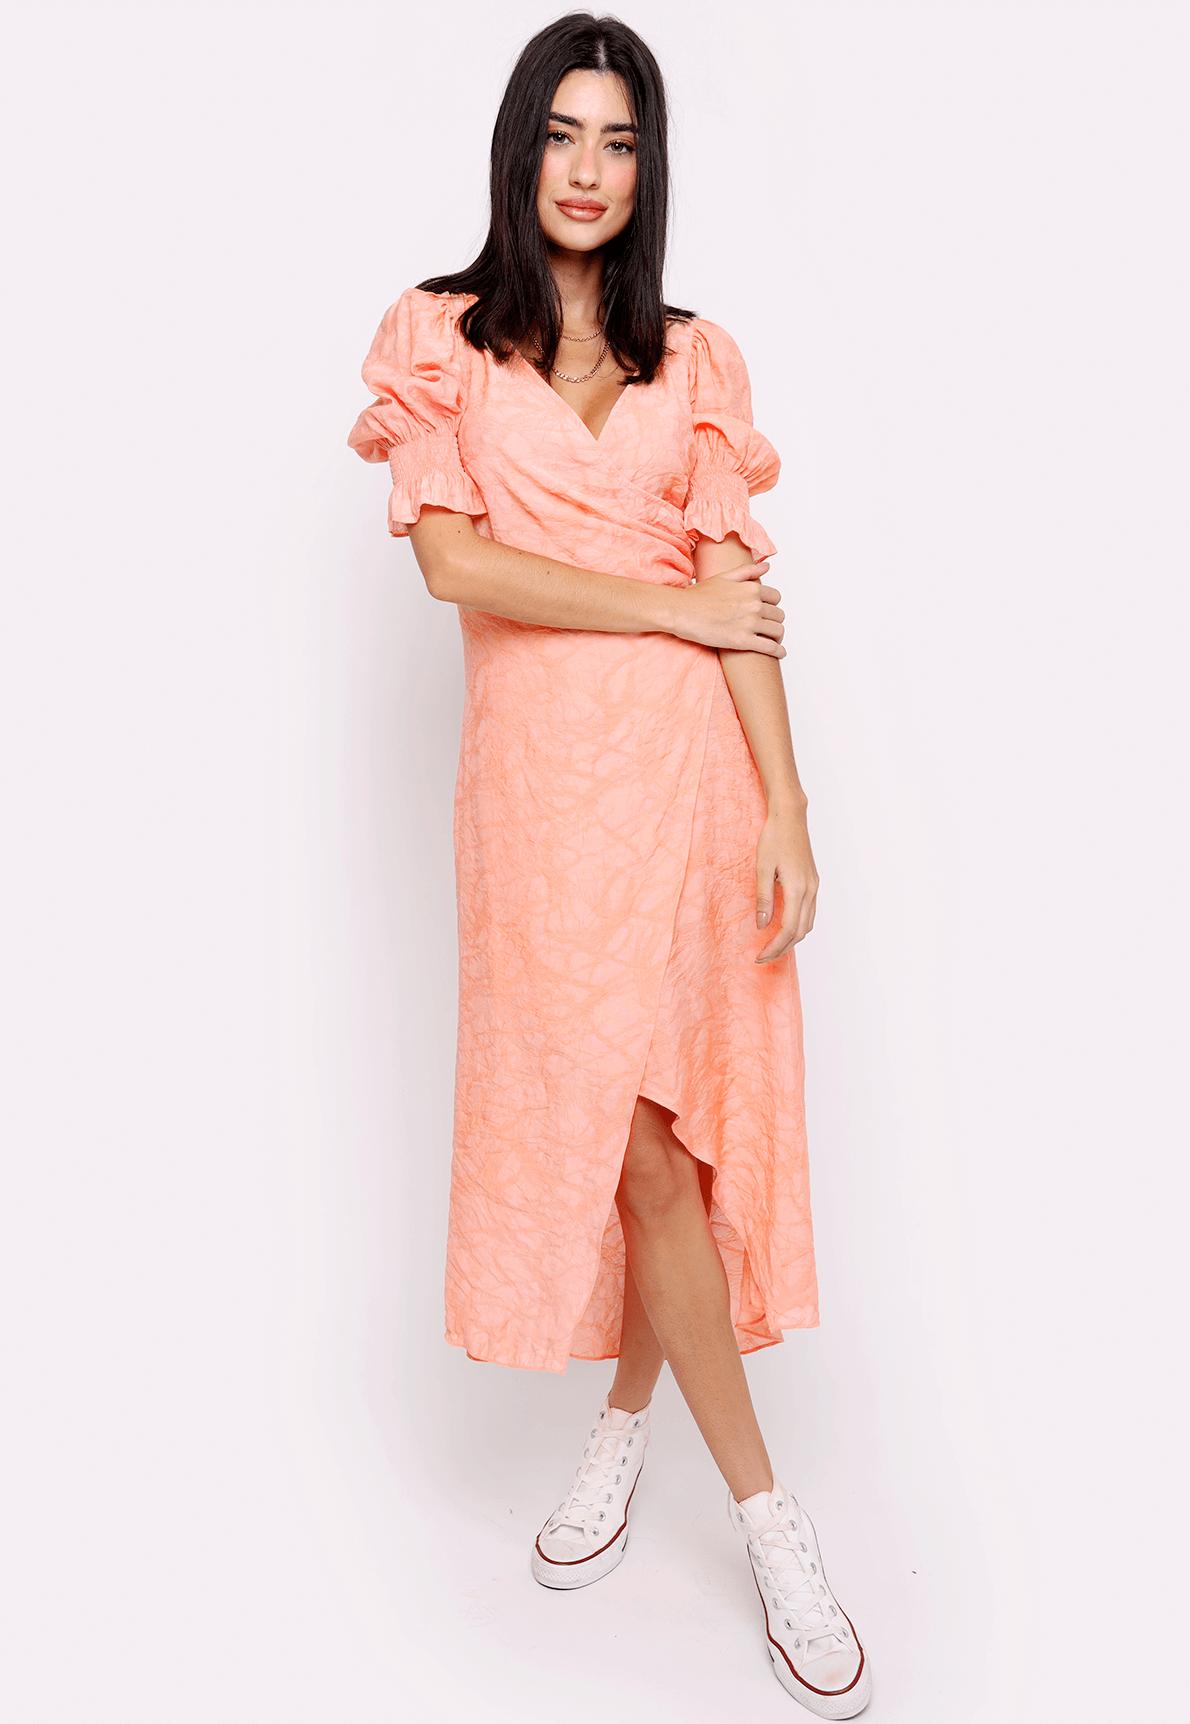 36223-vestido-senorita-salmao-mundo-lolita-01